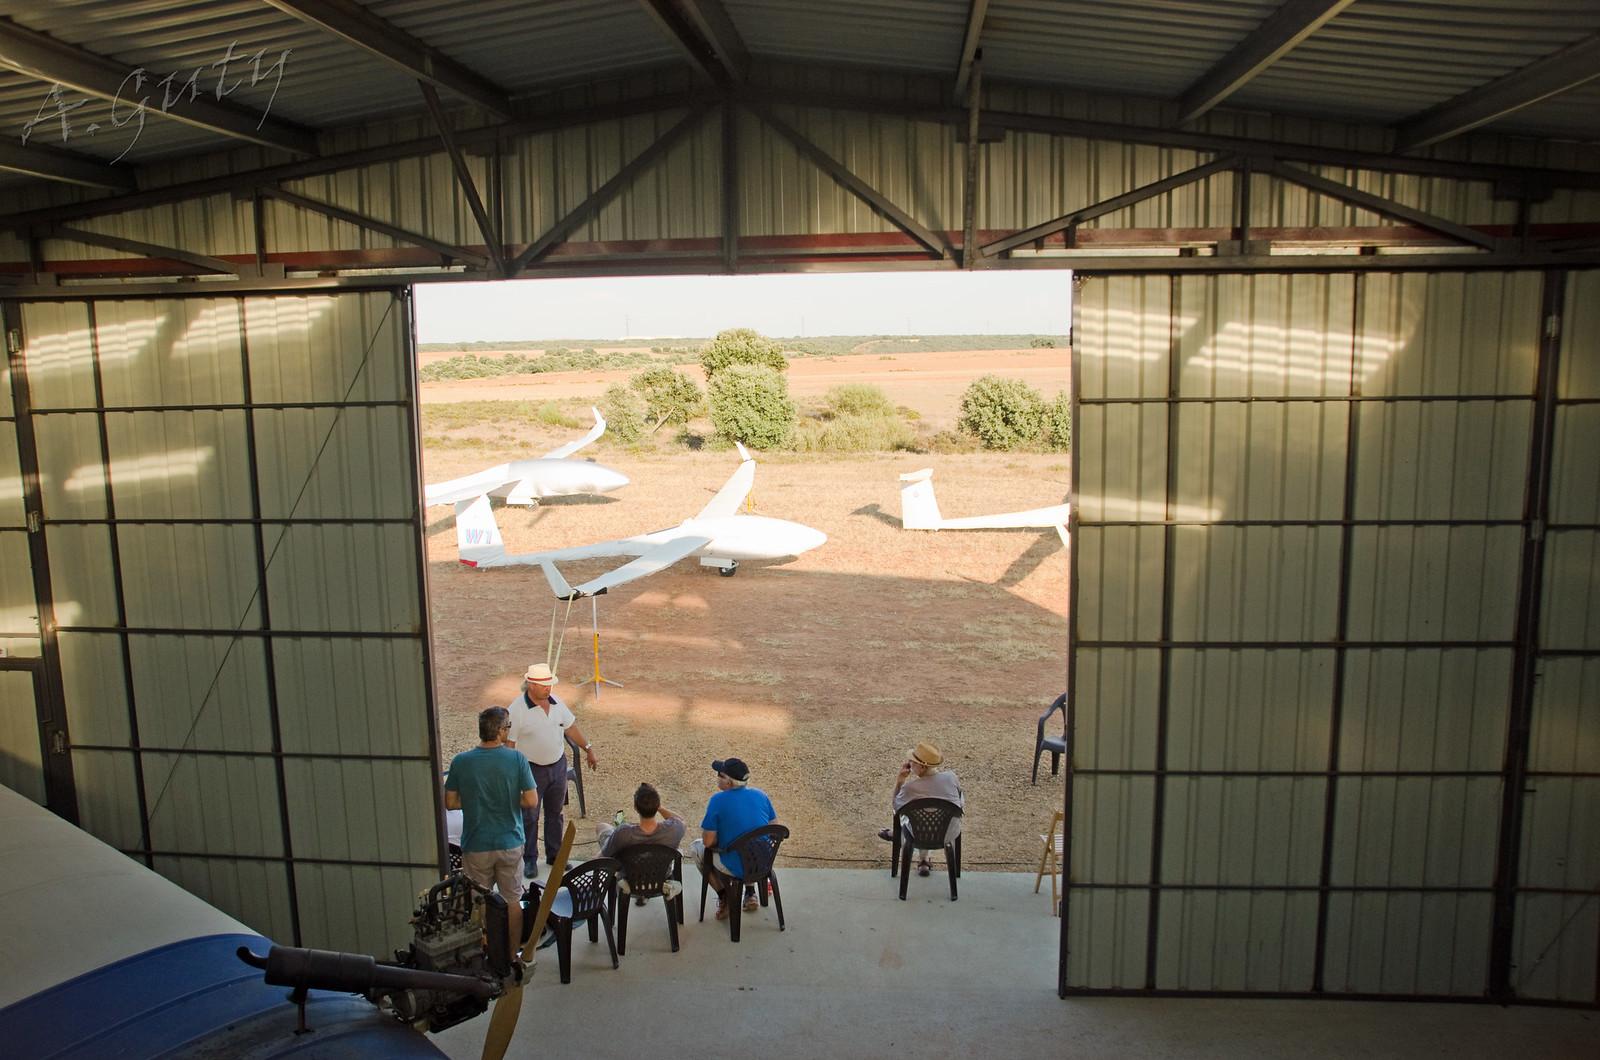 Visita MOTOVELEROS Aerodromo de Astorga 16-7-17  (11)